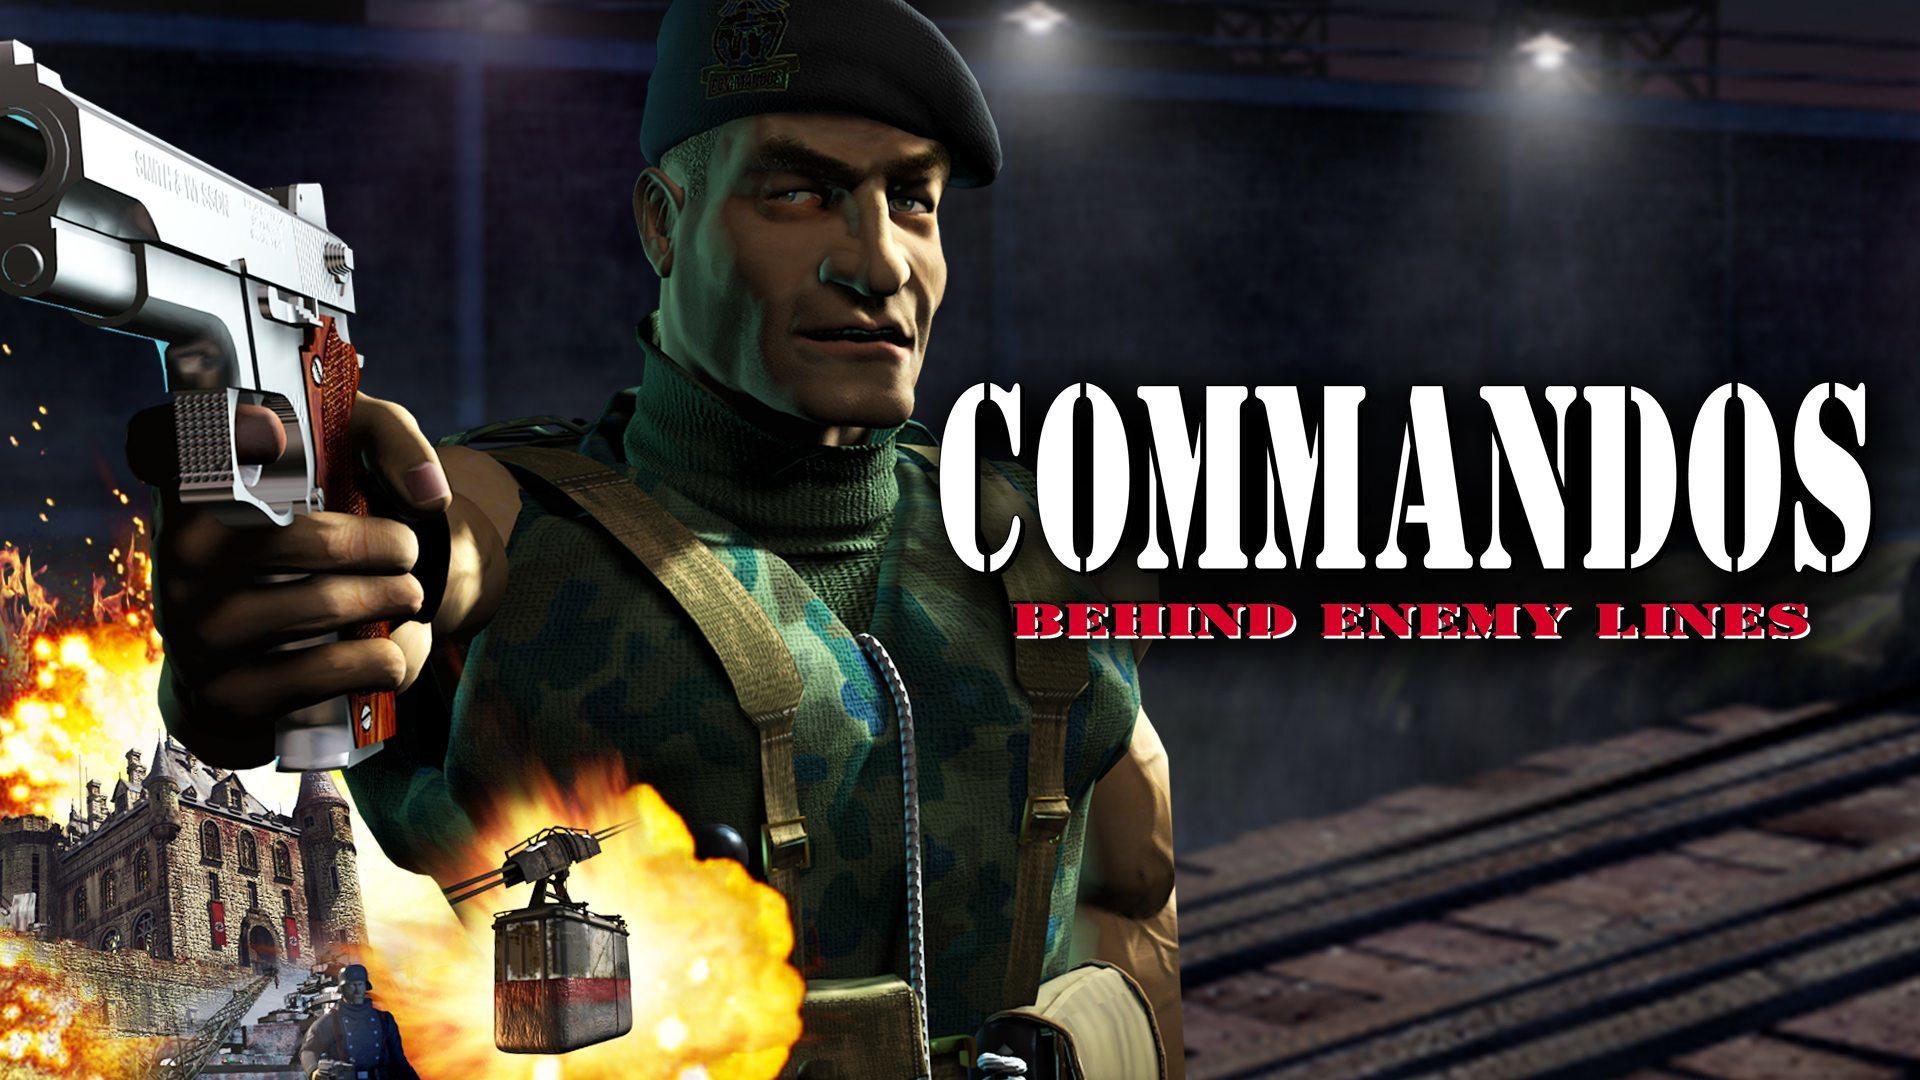 Commandos Behind Enemy Lines